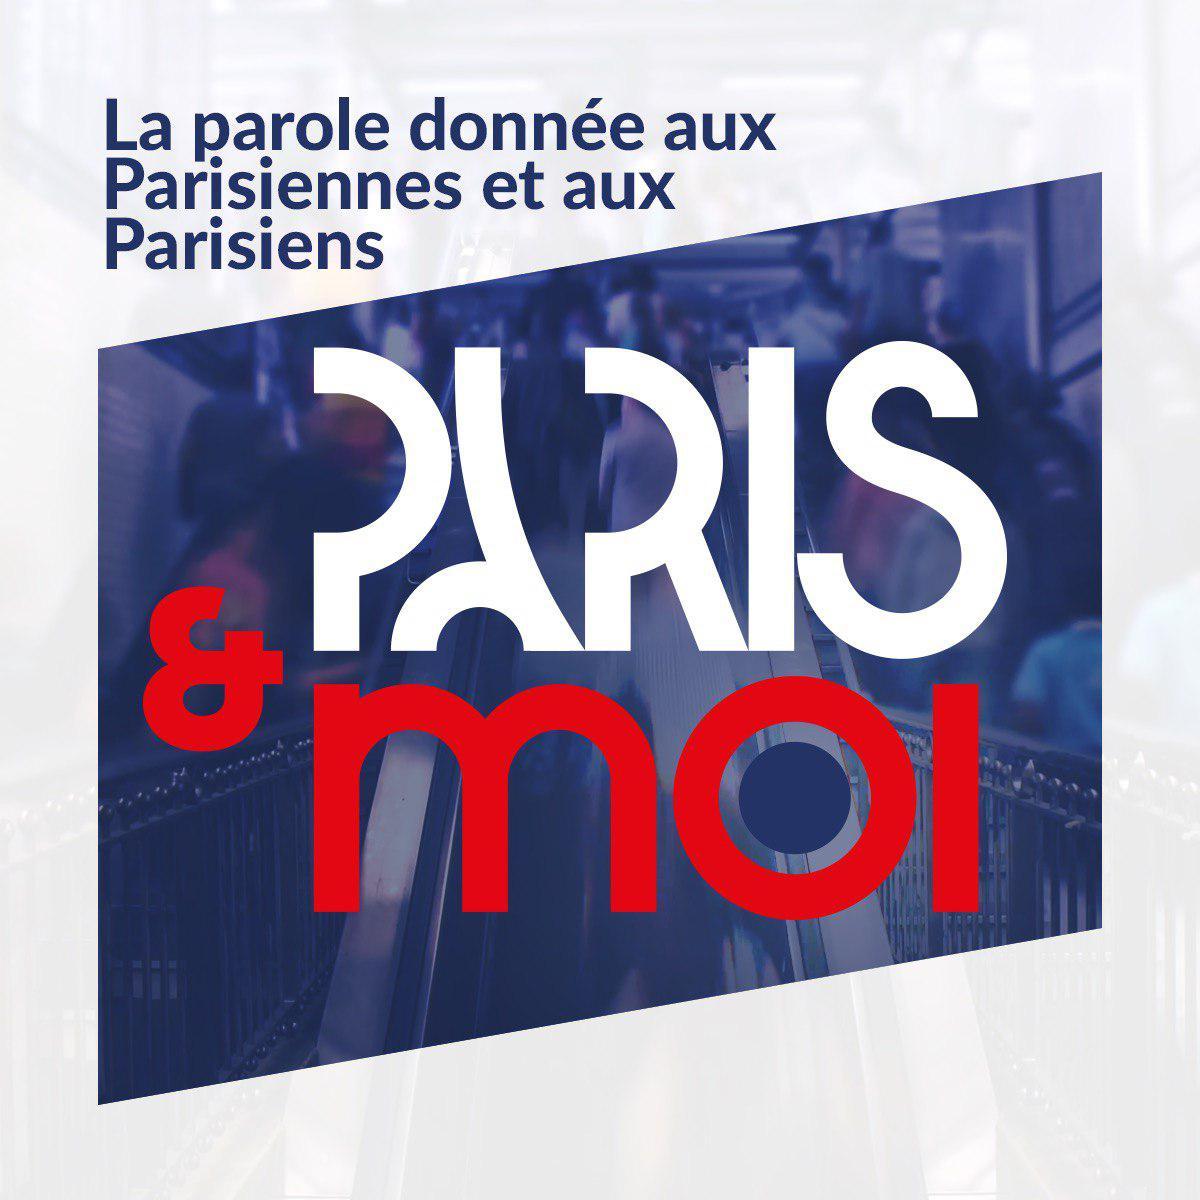 CP - Déjà plus de 10 000 témoignages recueillis partout dans Paris !